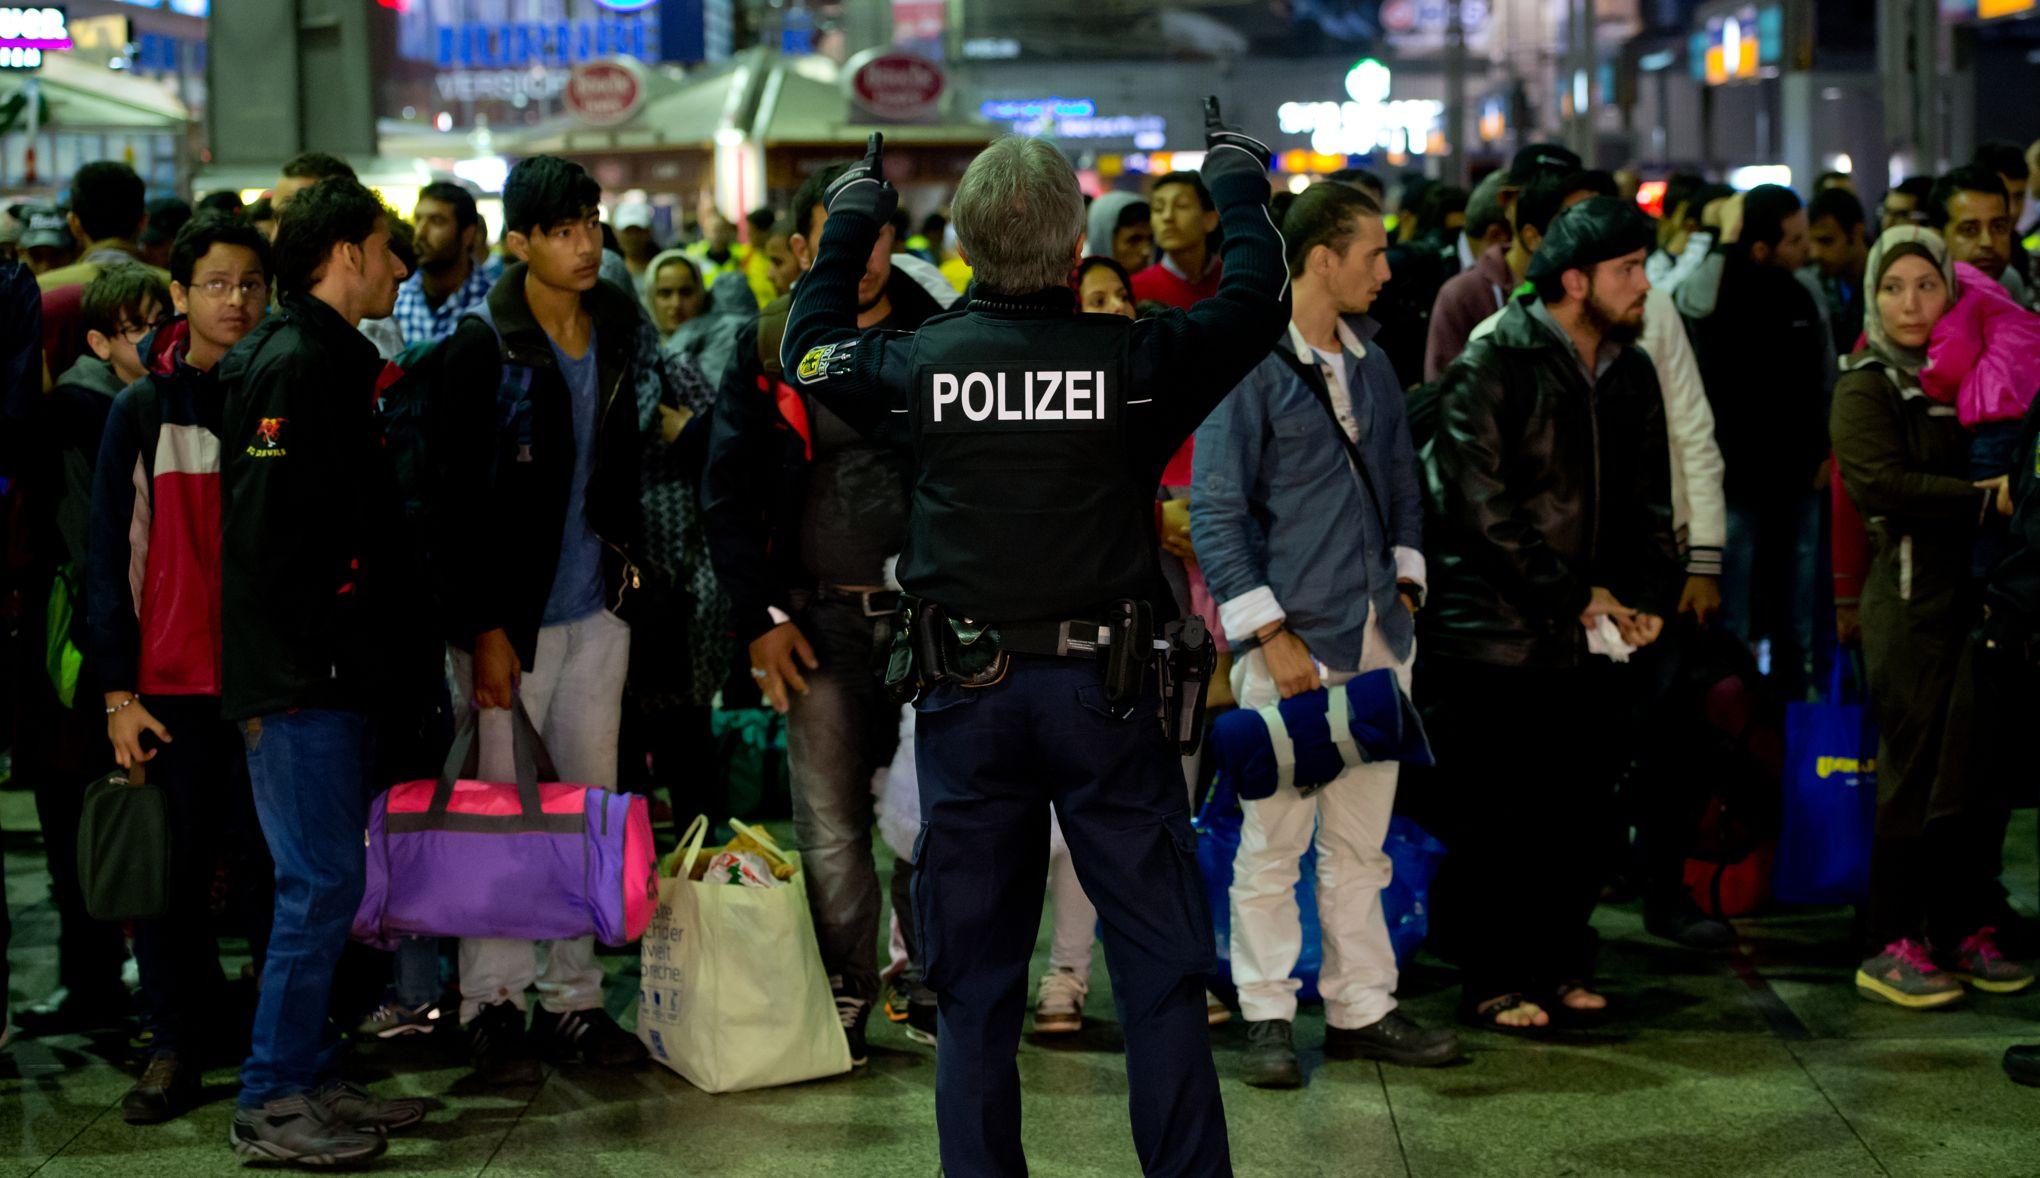 L'UE parvient à un accord pour l'accueil de 120.000 migrants